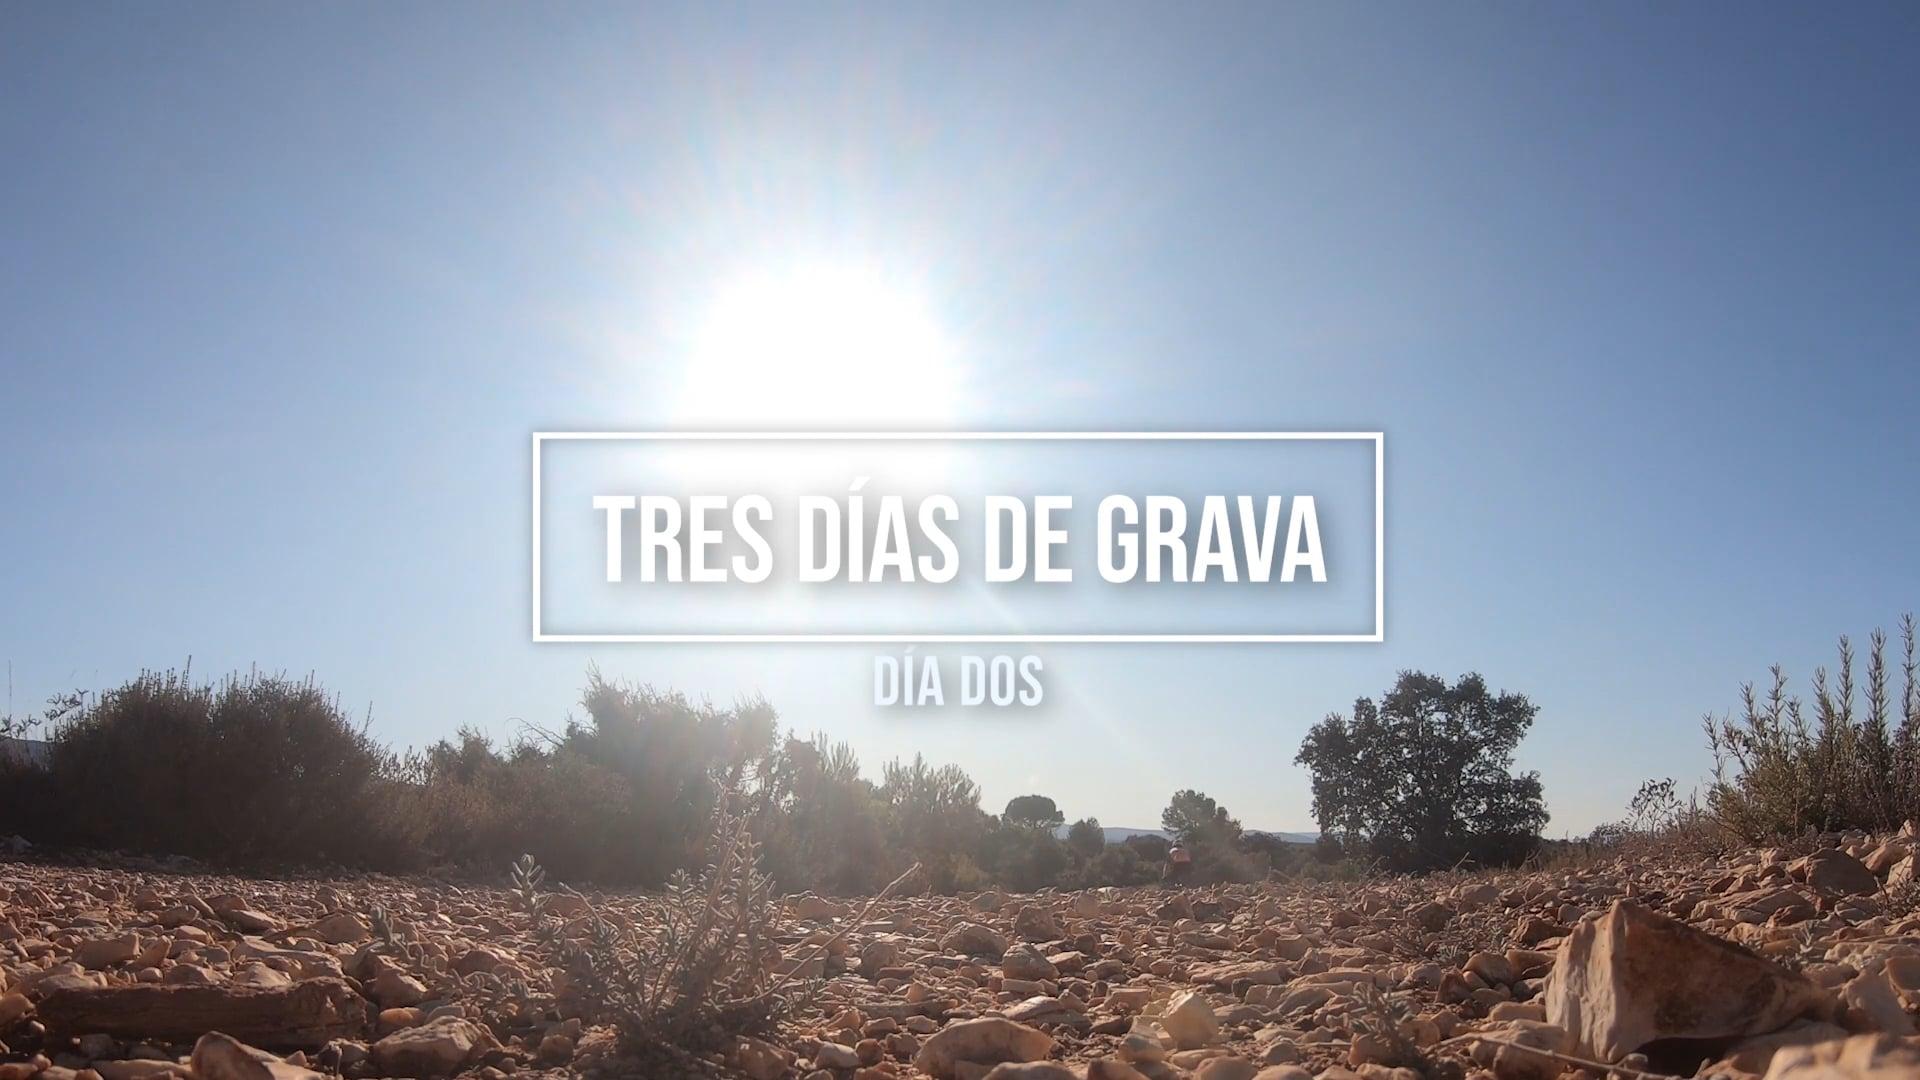 Tres días de grava - Día dos (Three days of gravel - Day two)